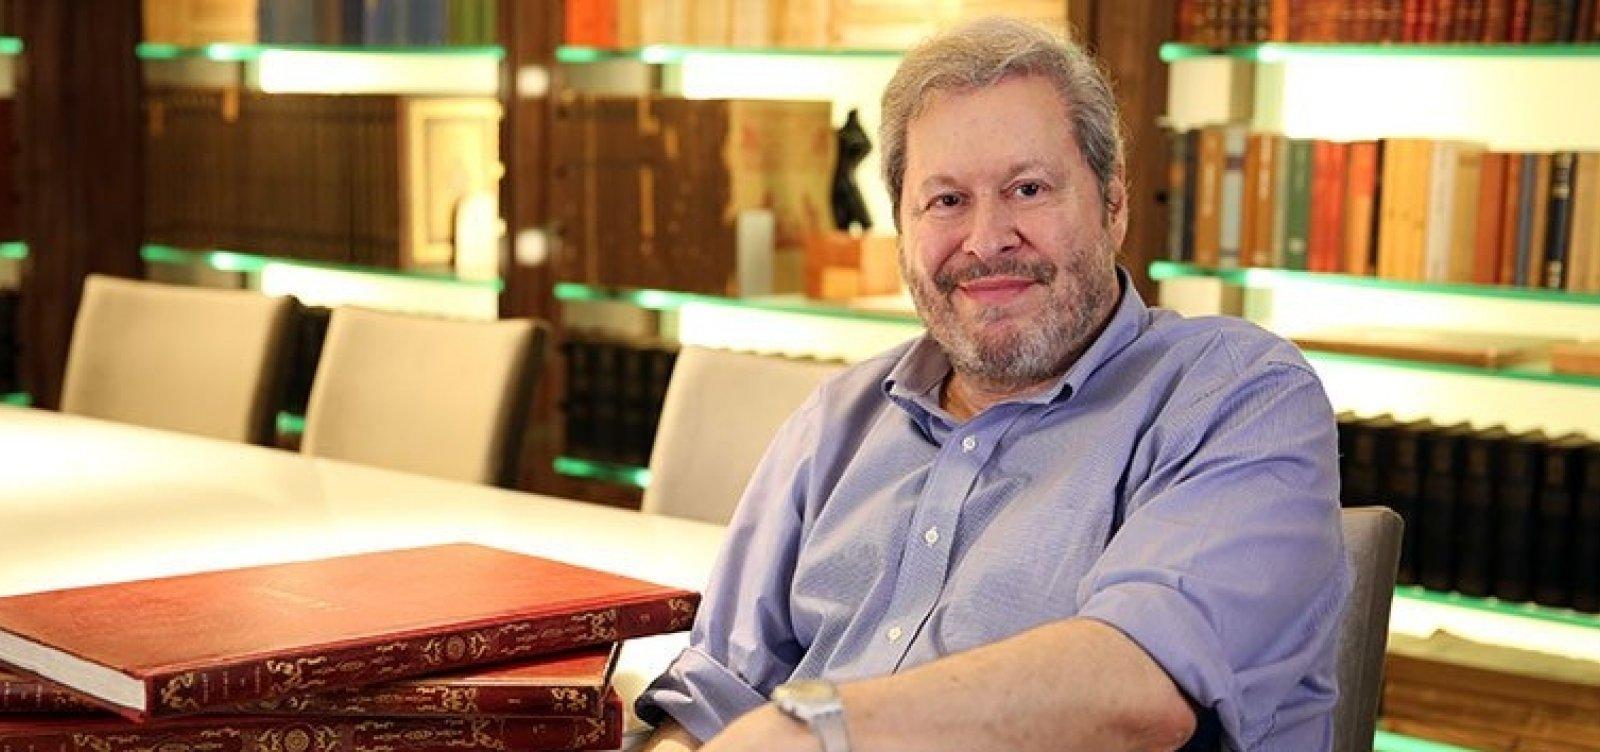 Pedro Corrêa do Lago narra coleção histórica em livro: 'É segurar a história nas próprias mãos'